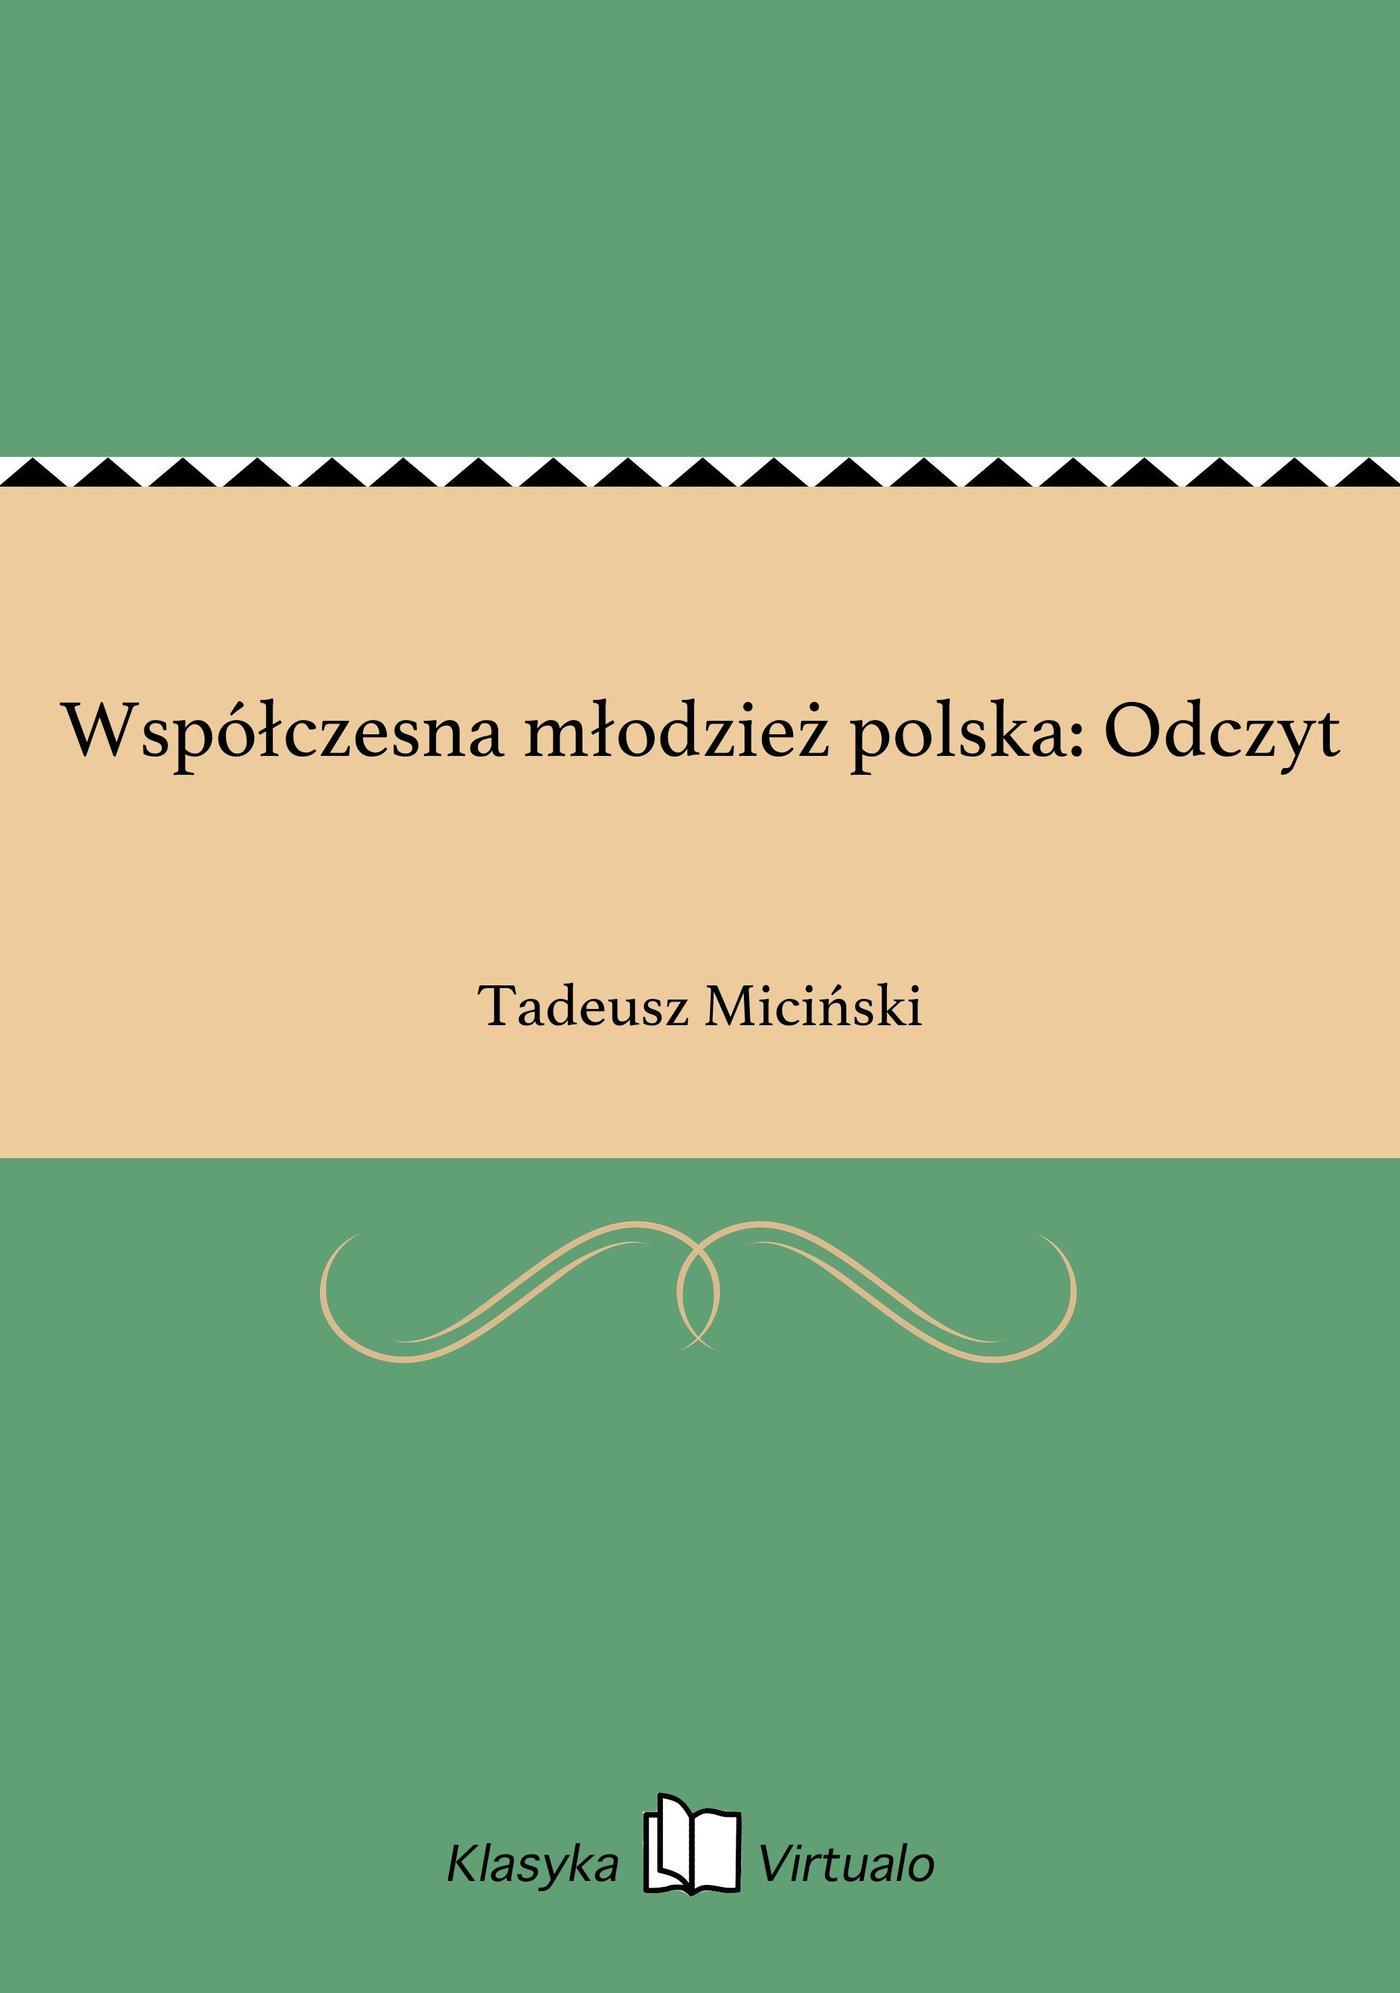 Współczesna młodzież polska: Odczyt - Ebook (Książka EPUB) do pobrania w formacie EPUB